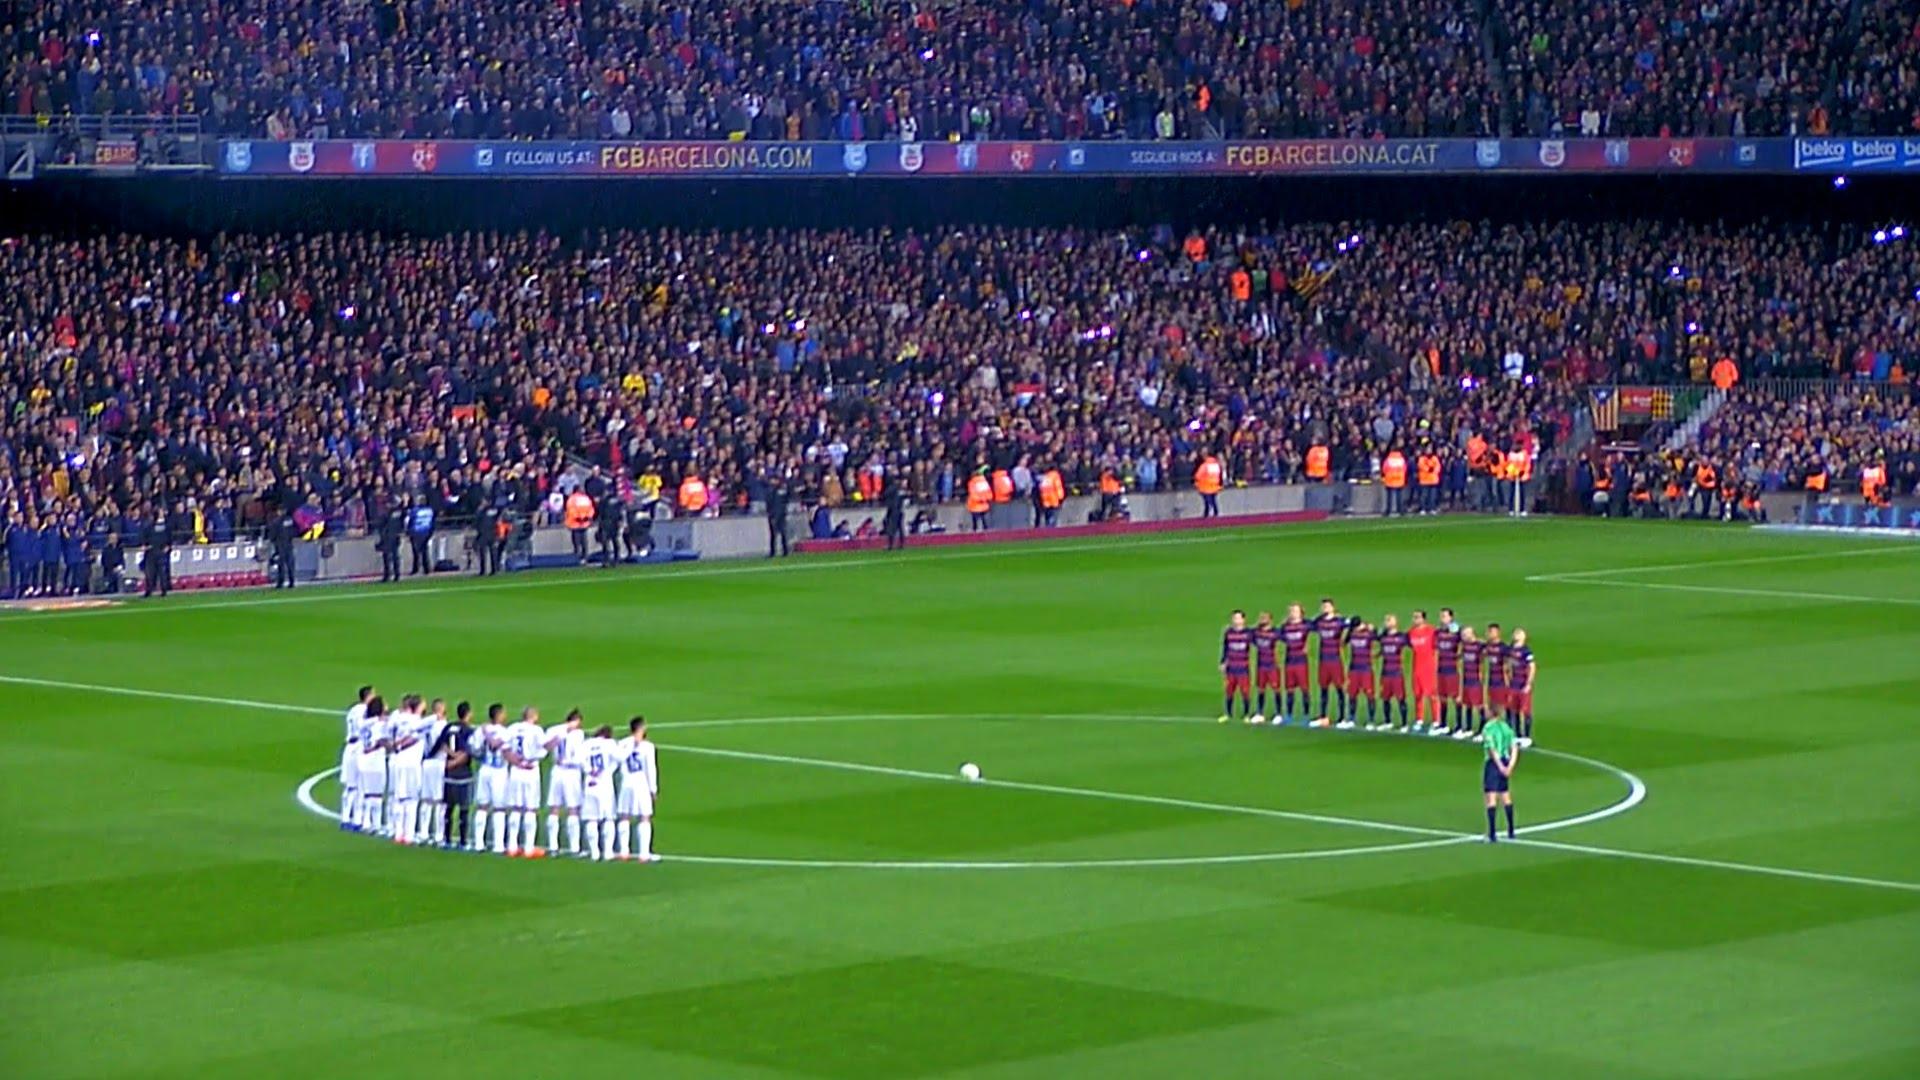 قبل الكلاسيكو.. ريال مدريد يتفوق 44-43 على برشلونة